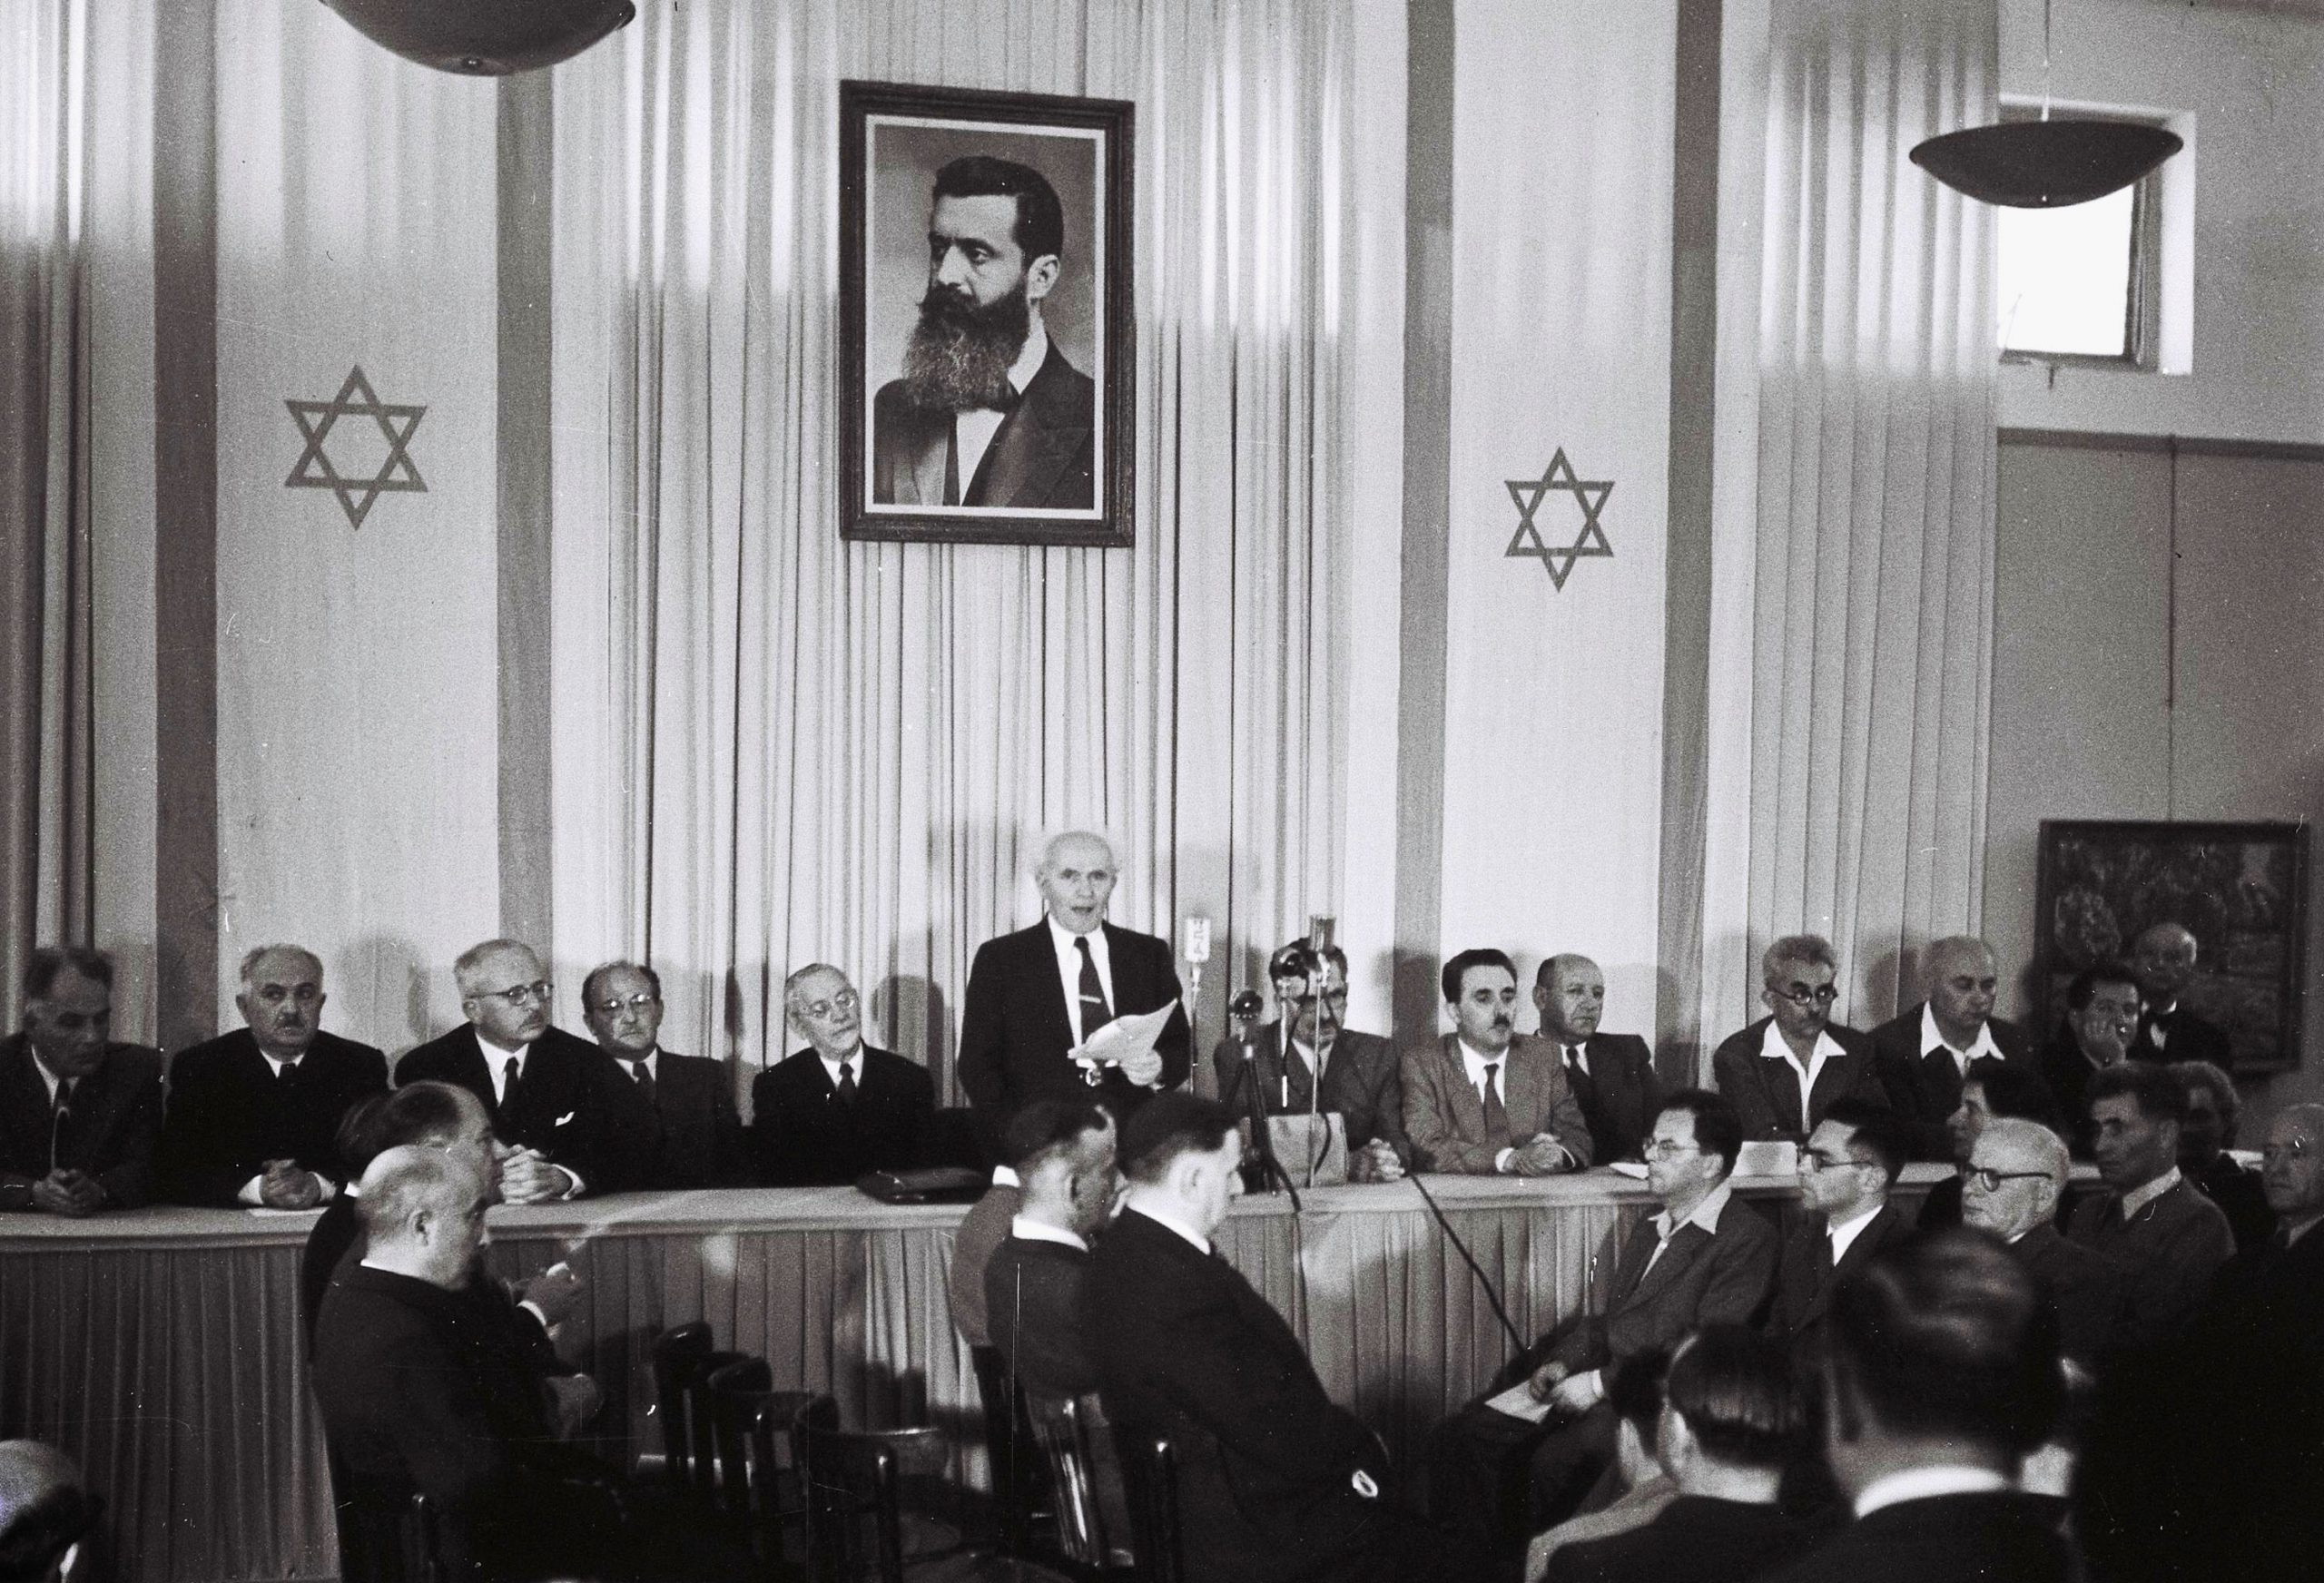 דוד בן-גוריון בעת ההכרזה על הקמת מדינת ישראל.